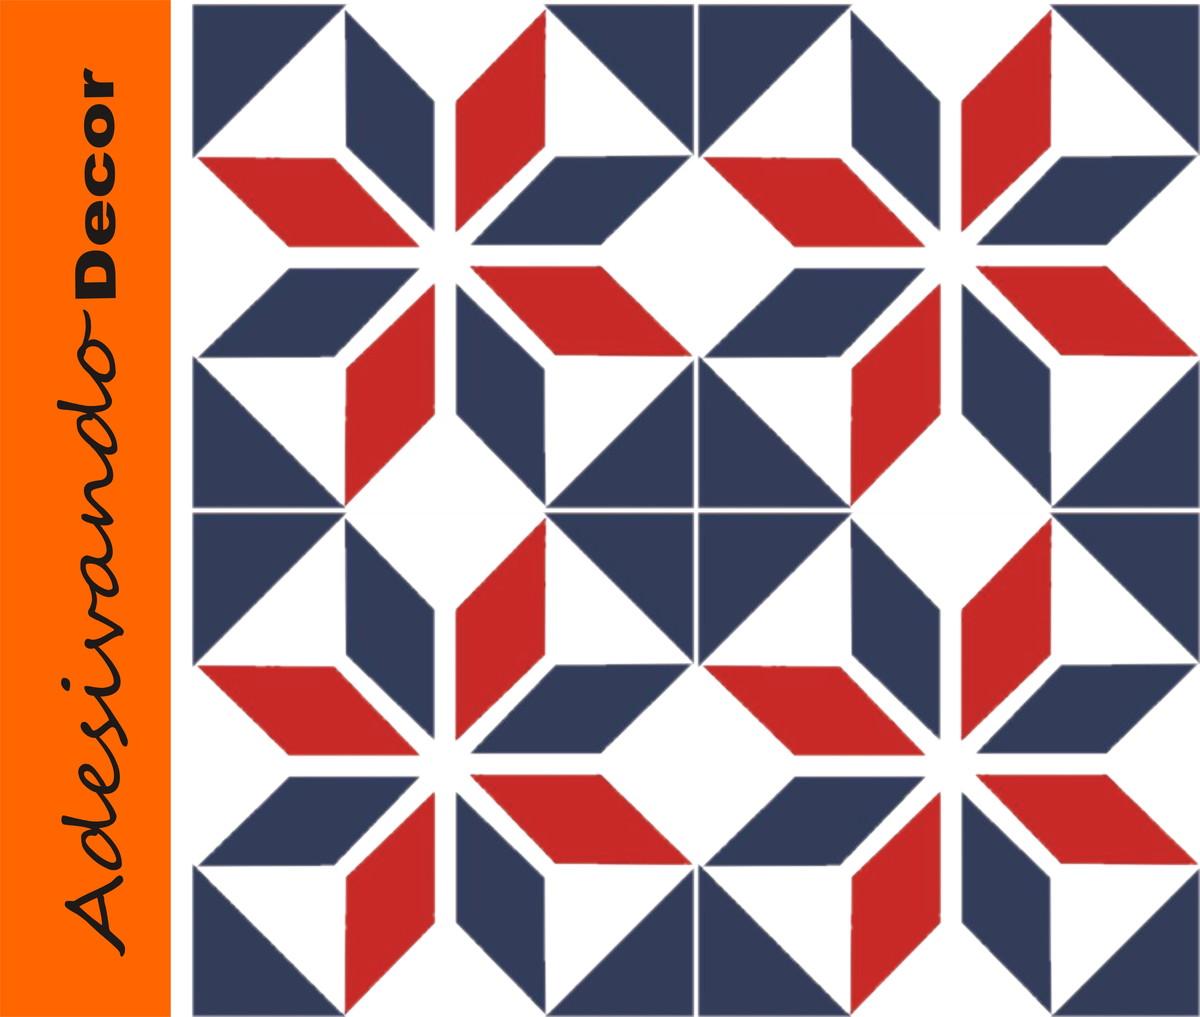 adesivo azulejo portugues 15x15cm adesivo de banheiro adesivo azulejo  #CA5201 1200x1017 Azulejo Vinilico Banheiro